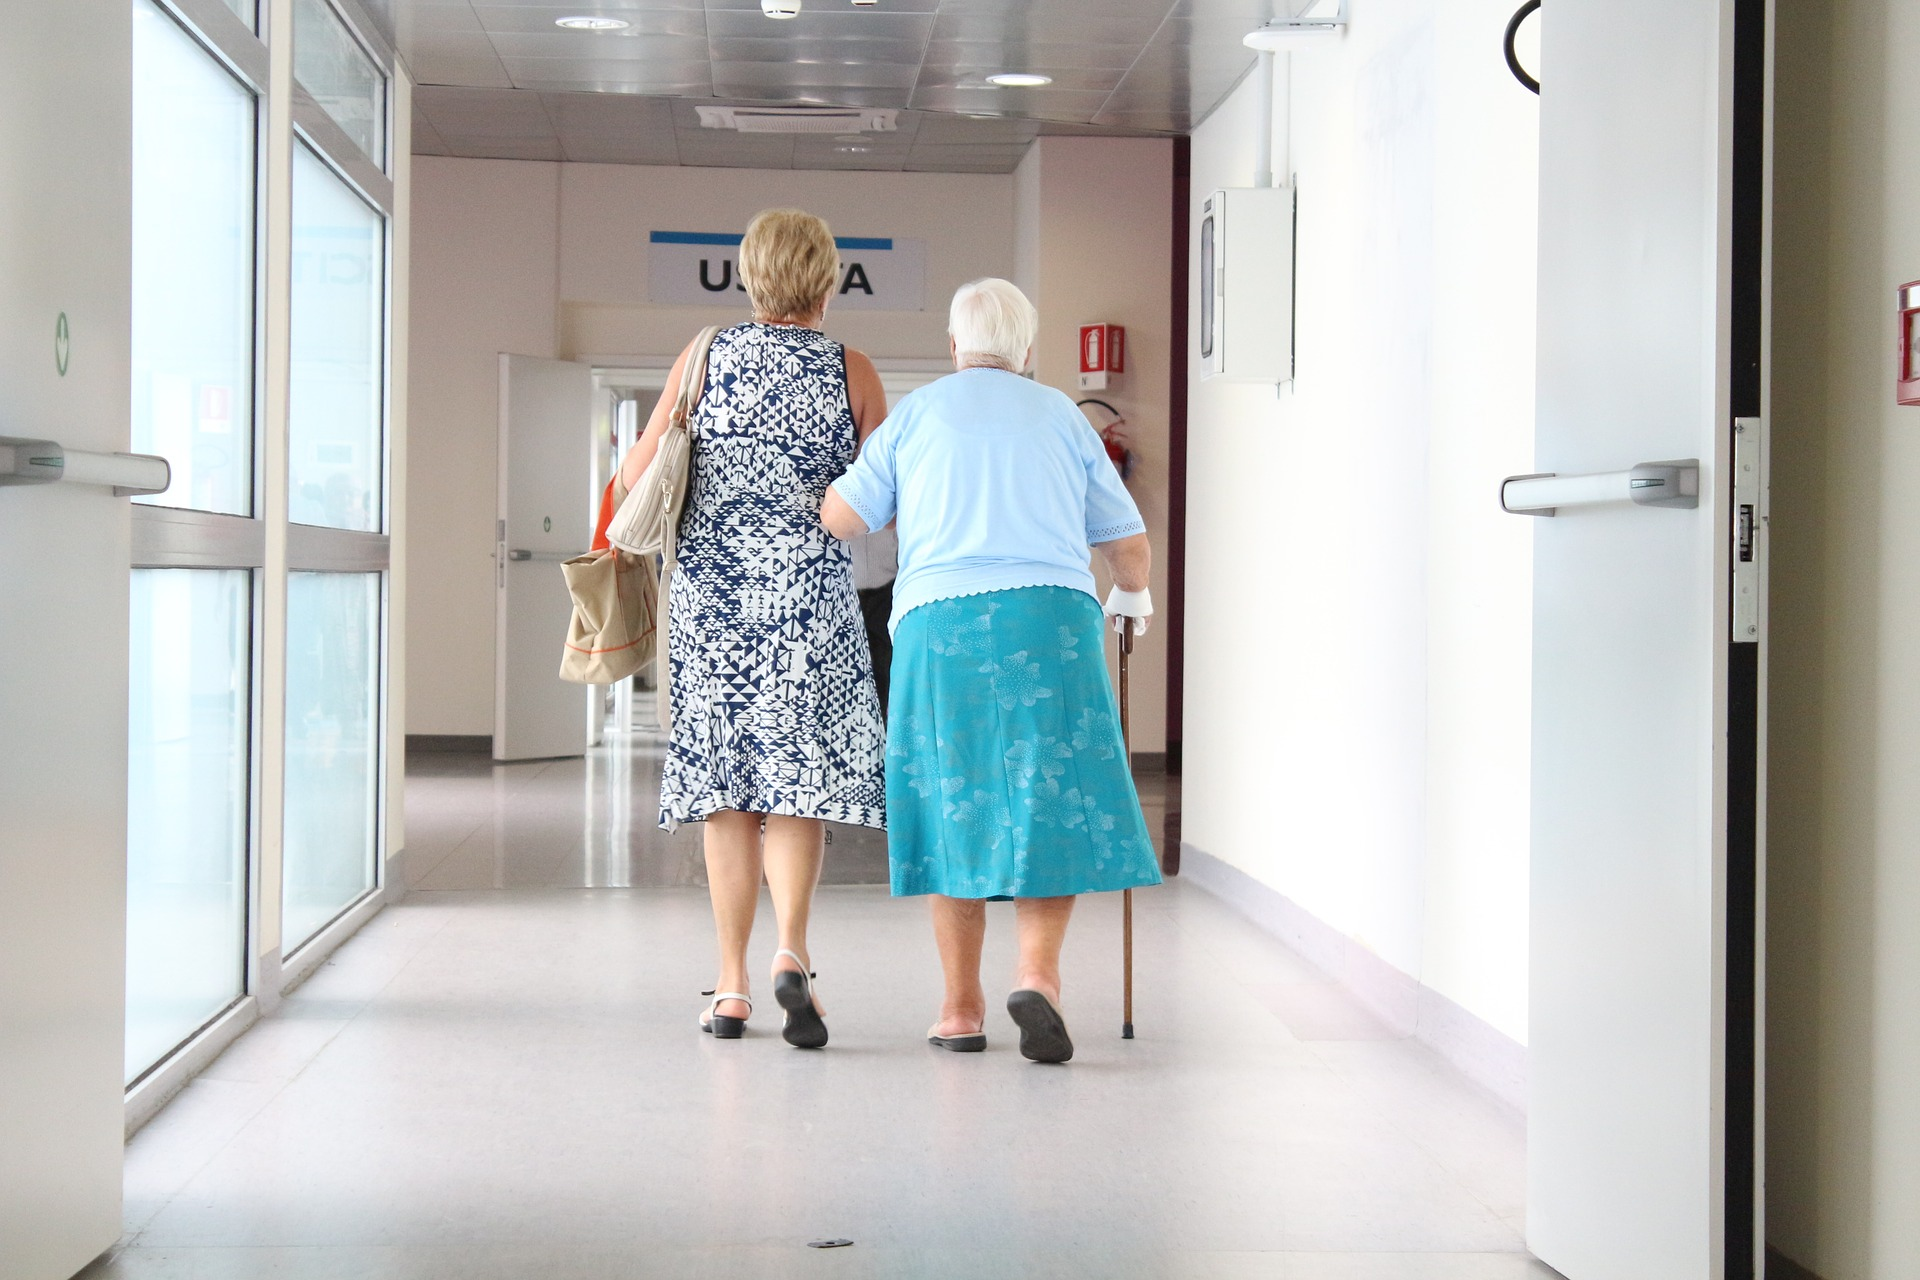 Cuidados y Asistencia, servicio de ayuda a domicilio en centros de salud y hospitales en Sevilla